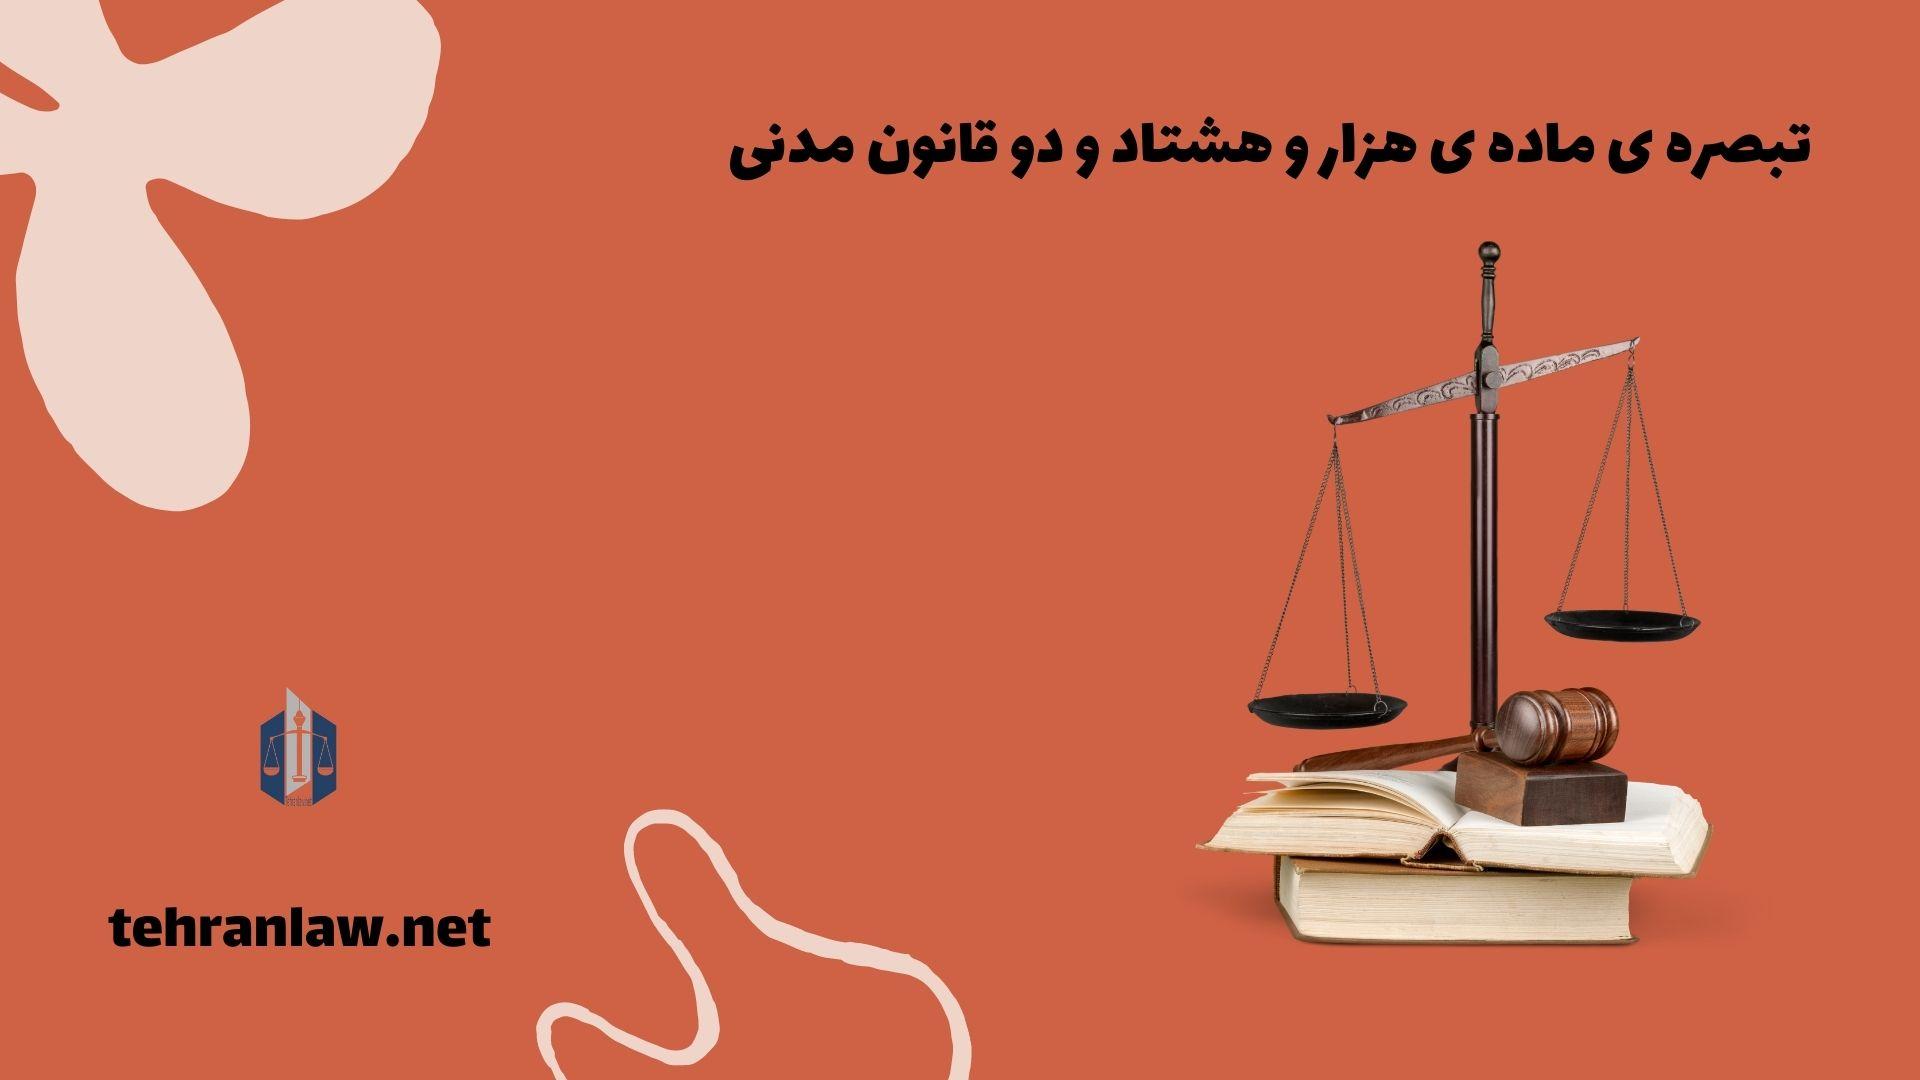 تبصره ی ماده ی هزار و هشتاد و دو قانون مدنی